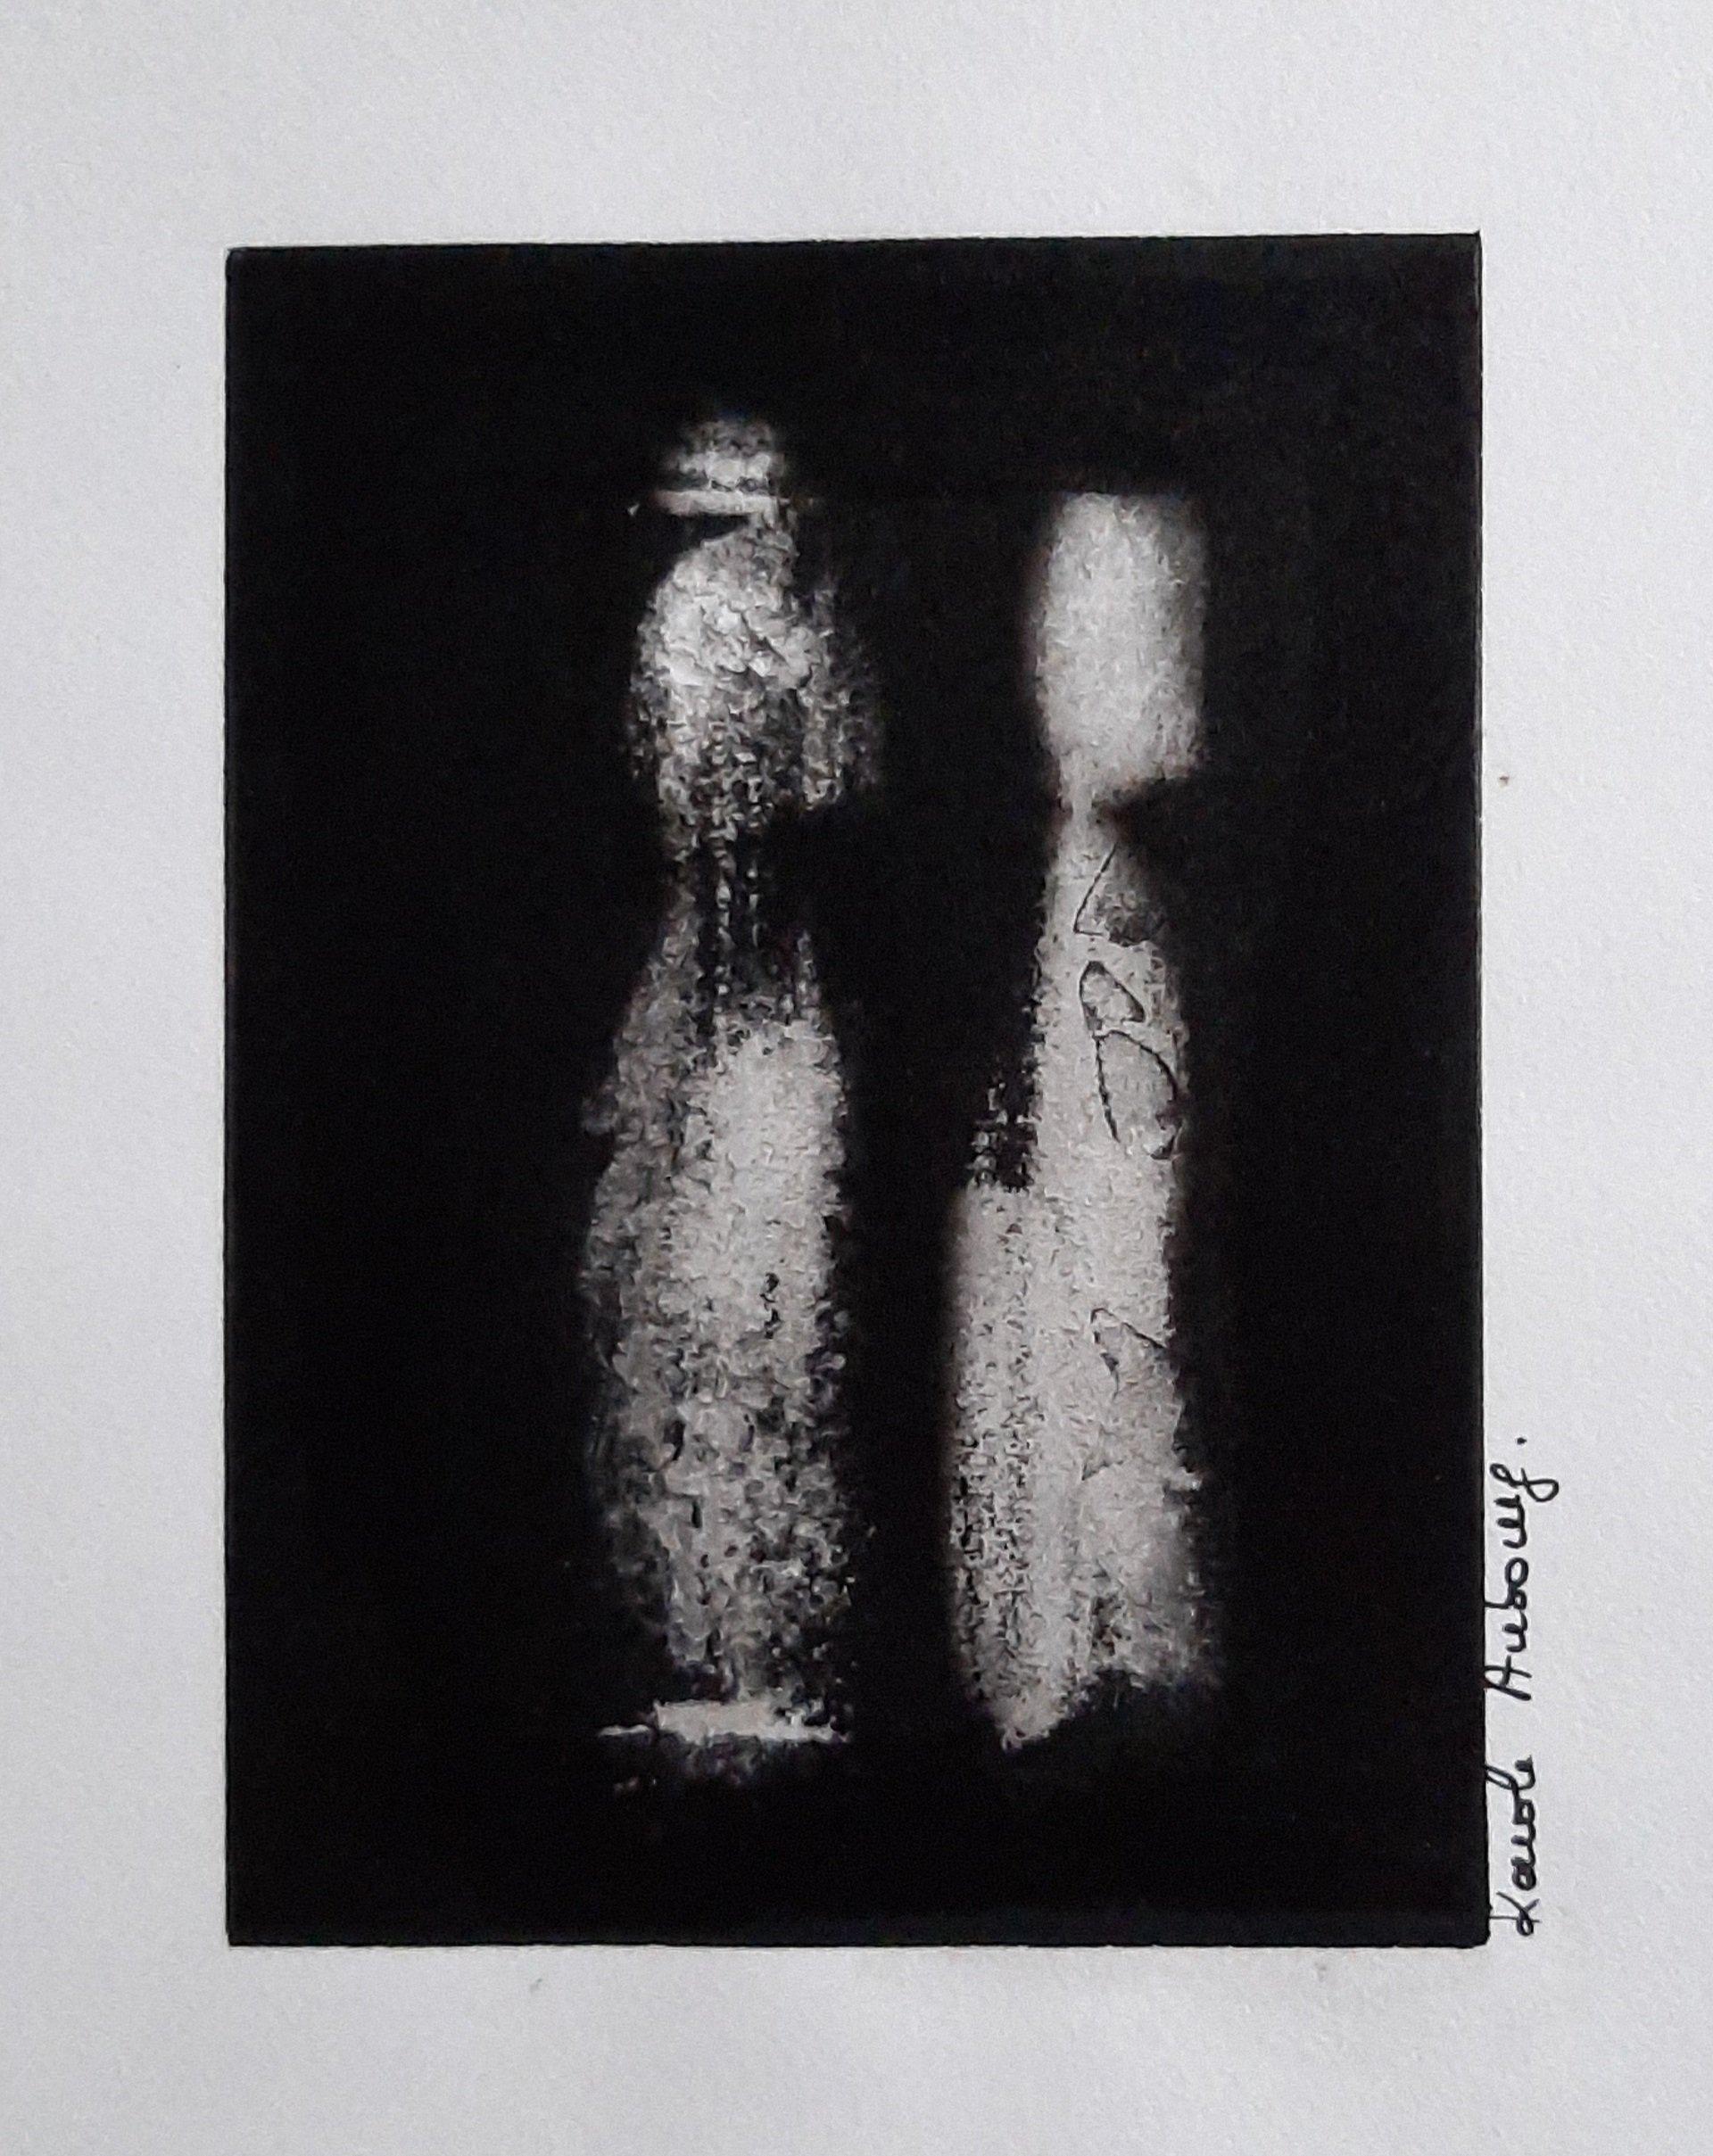 Encre de Chine sur papier numero 8 Karole Aubourg Dim 30 x 21 cm